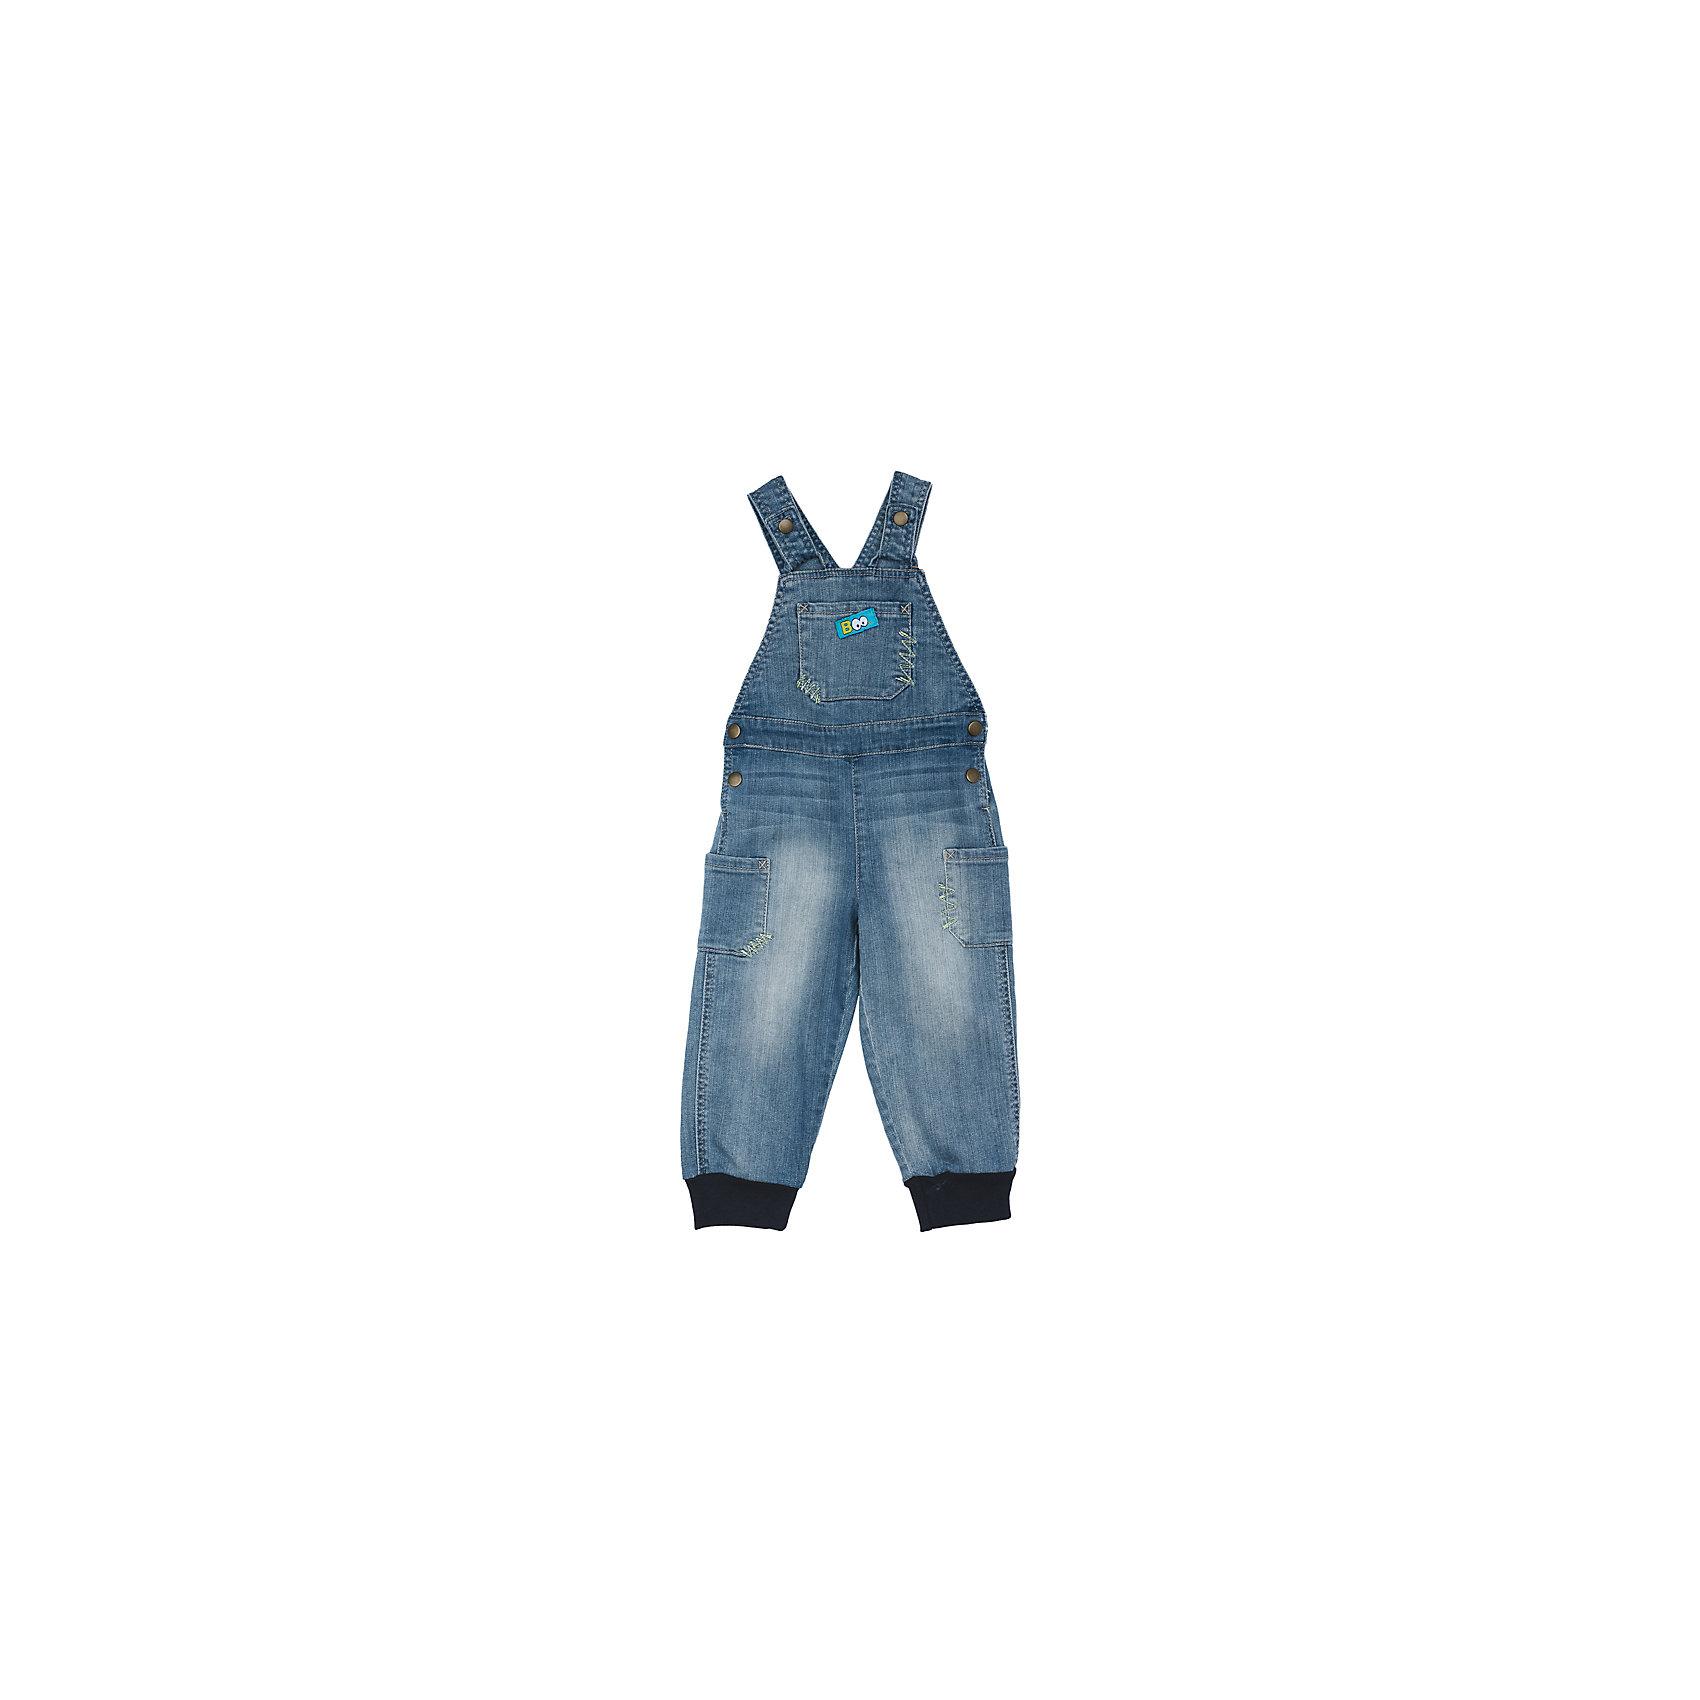 Комбинезон джинсовый для мальчика PlayTodayДжинсовая одежда<br>Характеристики товара:<br><br>• цвет: голубой<br>• состав: 99% хлопок, 1% эластан <br>• сезон: демисезон<br>• бретели  и пояс на кнопках<br>• карманы <br>• эффект потертостей<br>• трикотажные резинки по низу штанин<br>• страна бренда: Германия<br>• страна производства: Китай<br><br>Полукомбинезон из натуральной джинсовой ткани с эффектом потертости сможет быть одной из базовых вещей детского гардероба. Низ штанин на мягких трикотажных резинках. Изделие удобно снимать и одевать за счет удобных застежек - кнопок на поясе и на бретелях.<br><br>Полукомбинезон для мальчика от известного бренда Scool можно купить в нашем интернет-магазине.<br><br>Ширина мм: 157<br>Глубина мм: 13<br>Высота мм: 119<br>Вес г: 200<br>Цвет: голубой<br>Возраст от месяцев: 6<br>Возраст до месяцев: 9<br>Пол: Мужской<br>Возраст: Детский<br>Размер: 74,92,80,86<br>SKU: 5407850